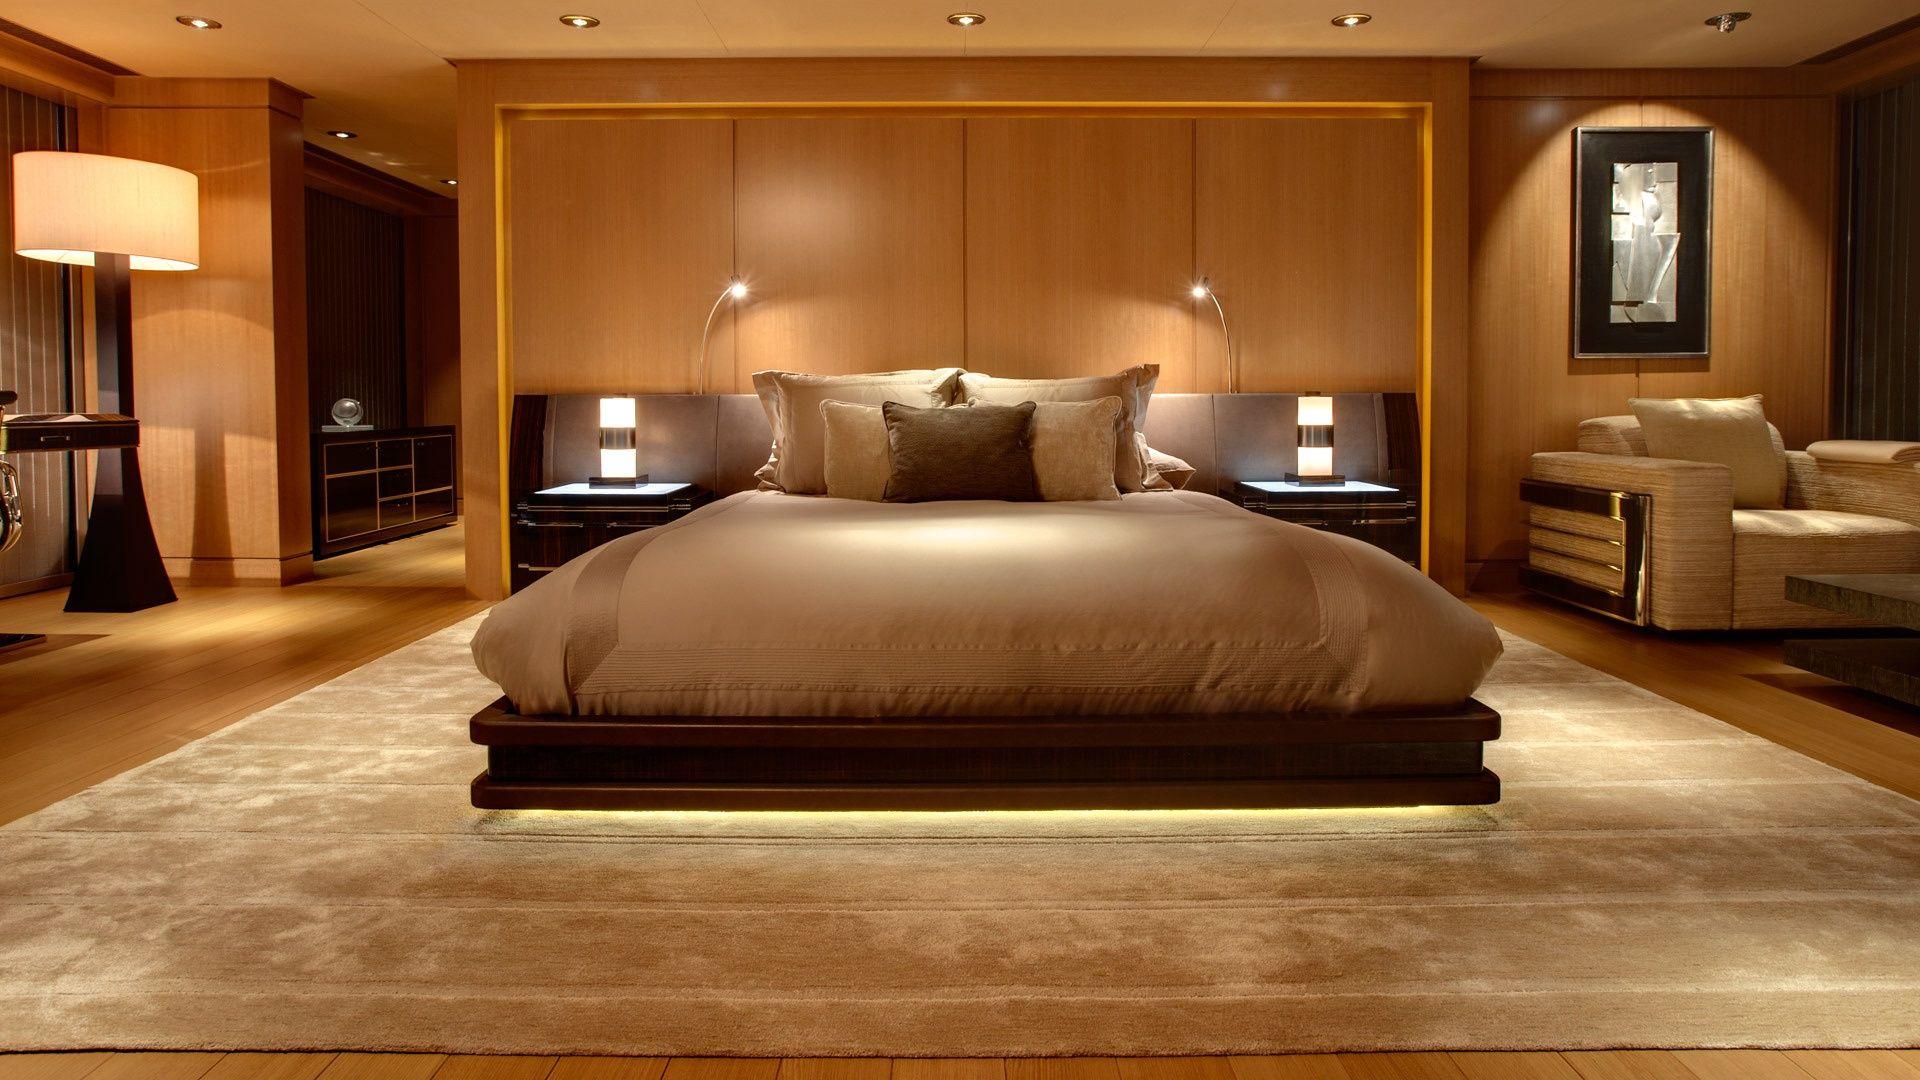 Bedroom Hd Wallpapers Free Download Bedroom Design Wallpaper